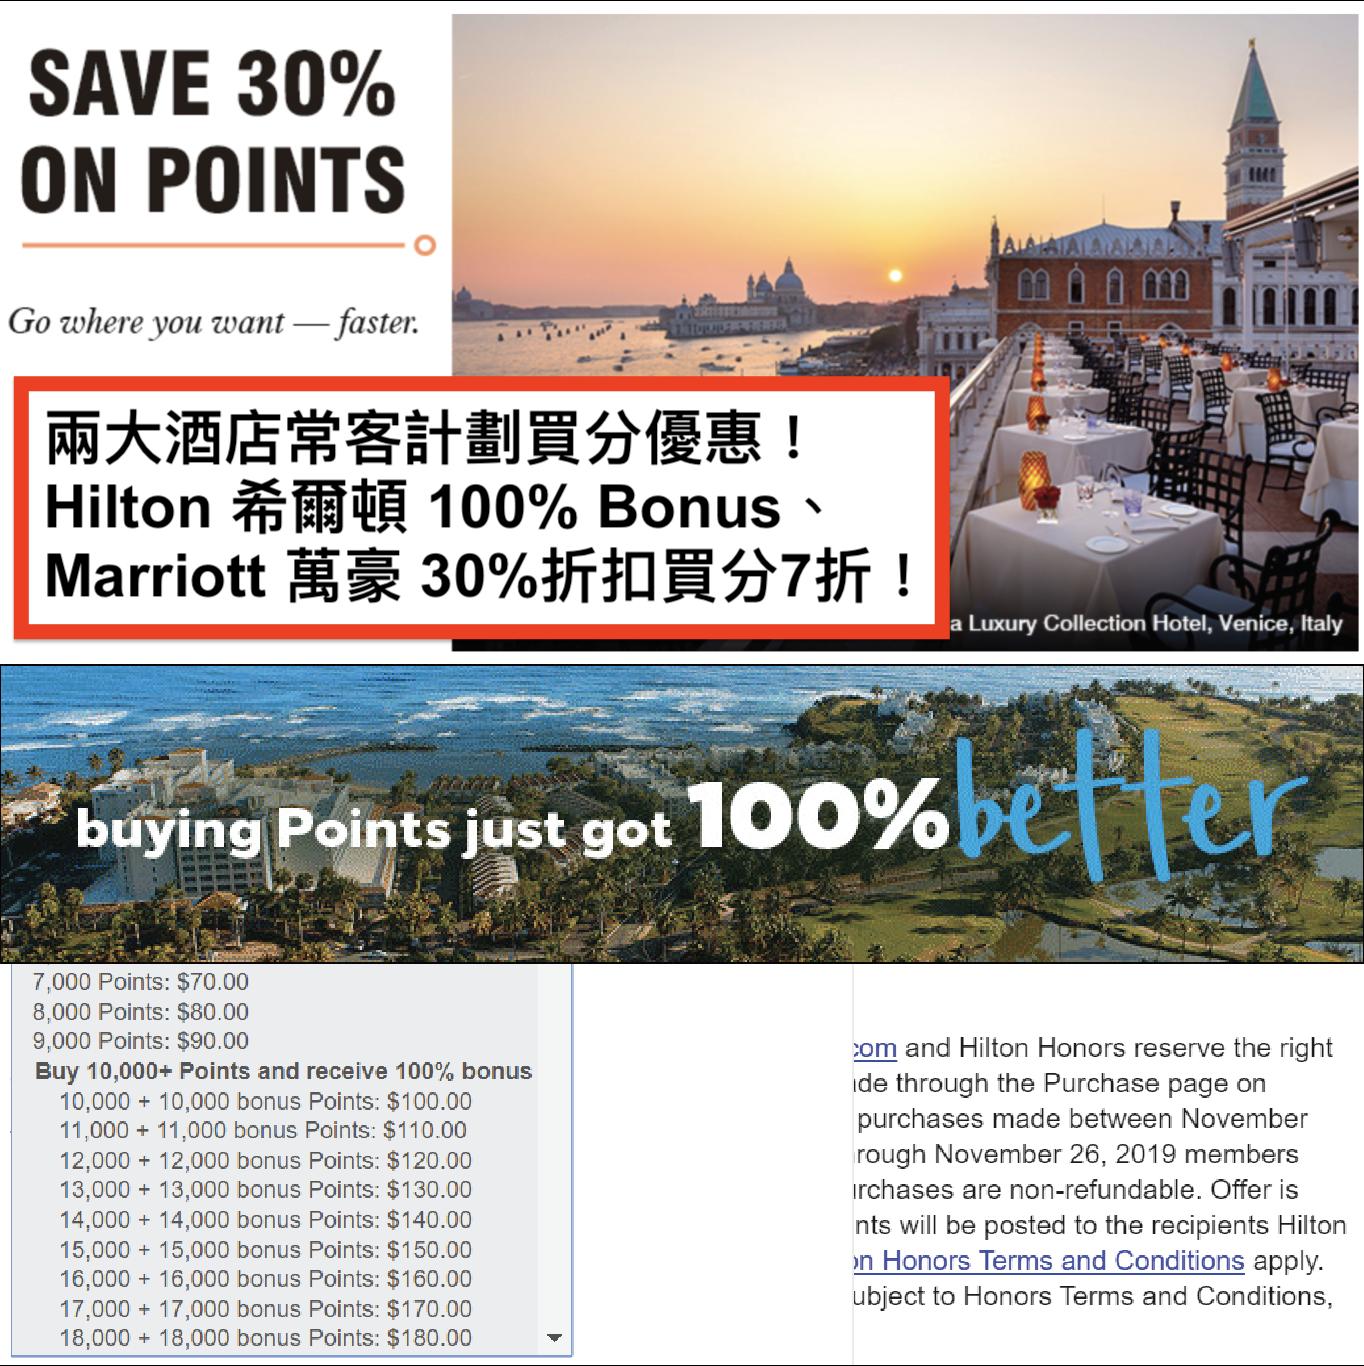 兩大酒店常客計劃買分優惠!Hilton 希爾頓 100% Bonus、Marriott 萬豪 30%折扣買分7折!